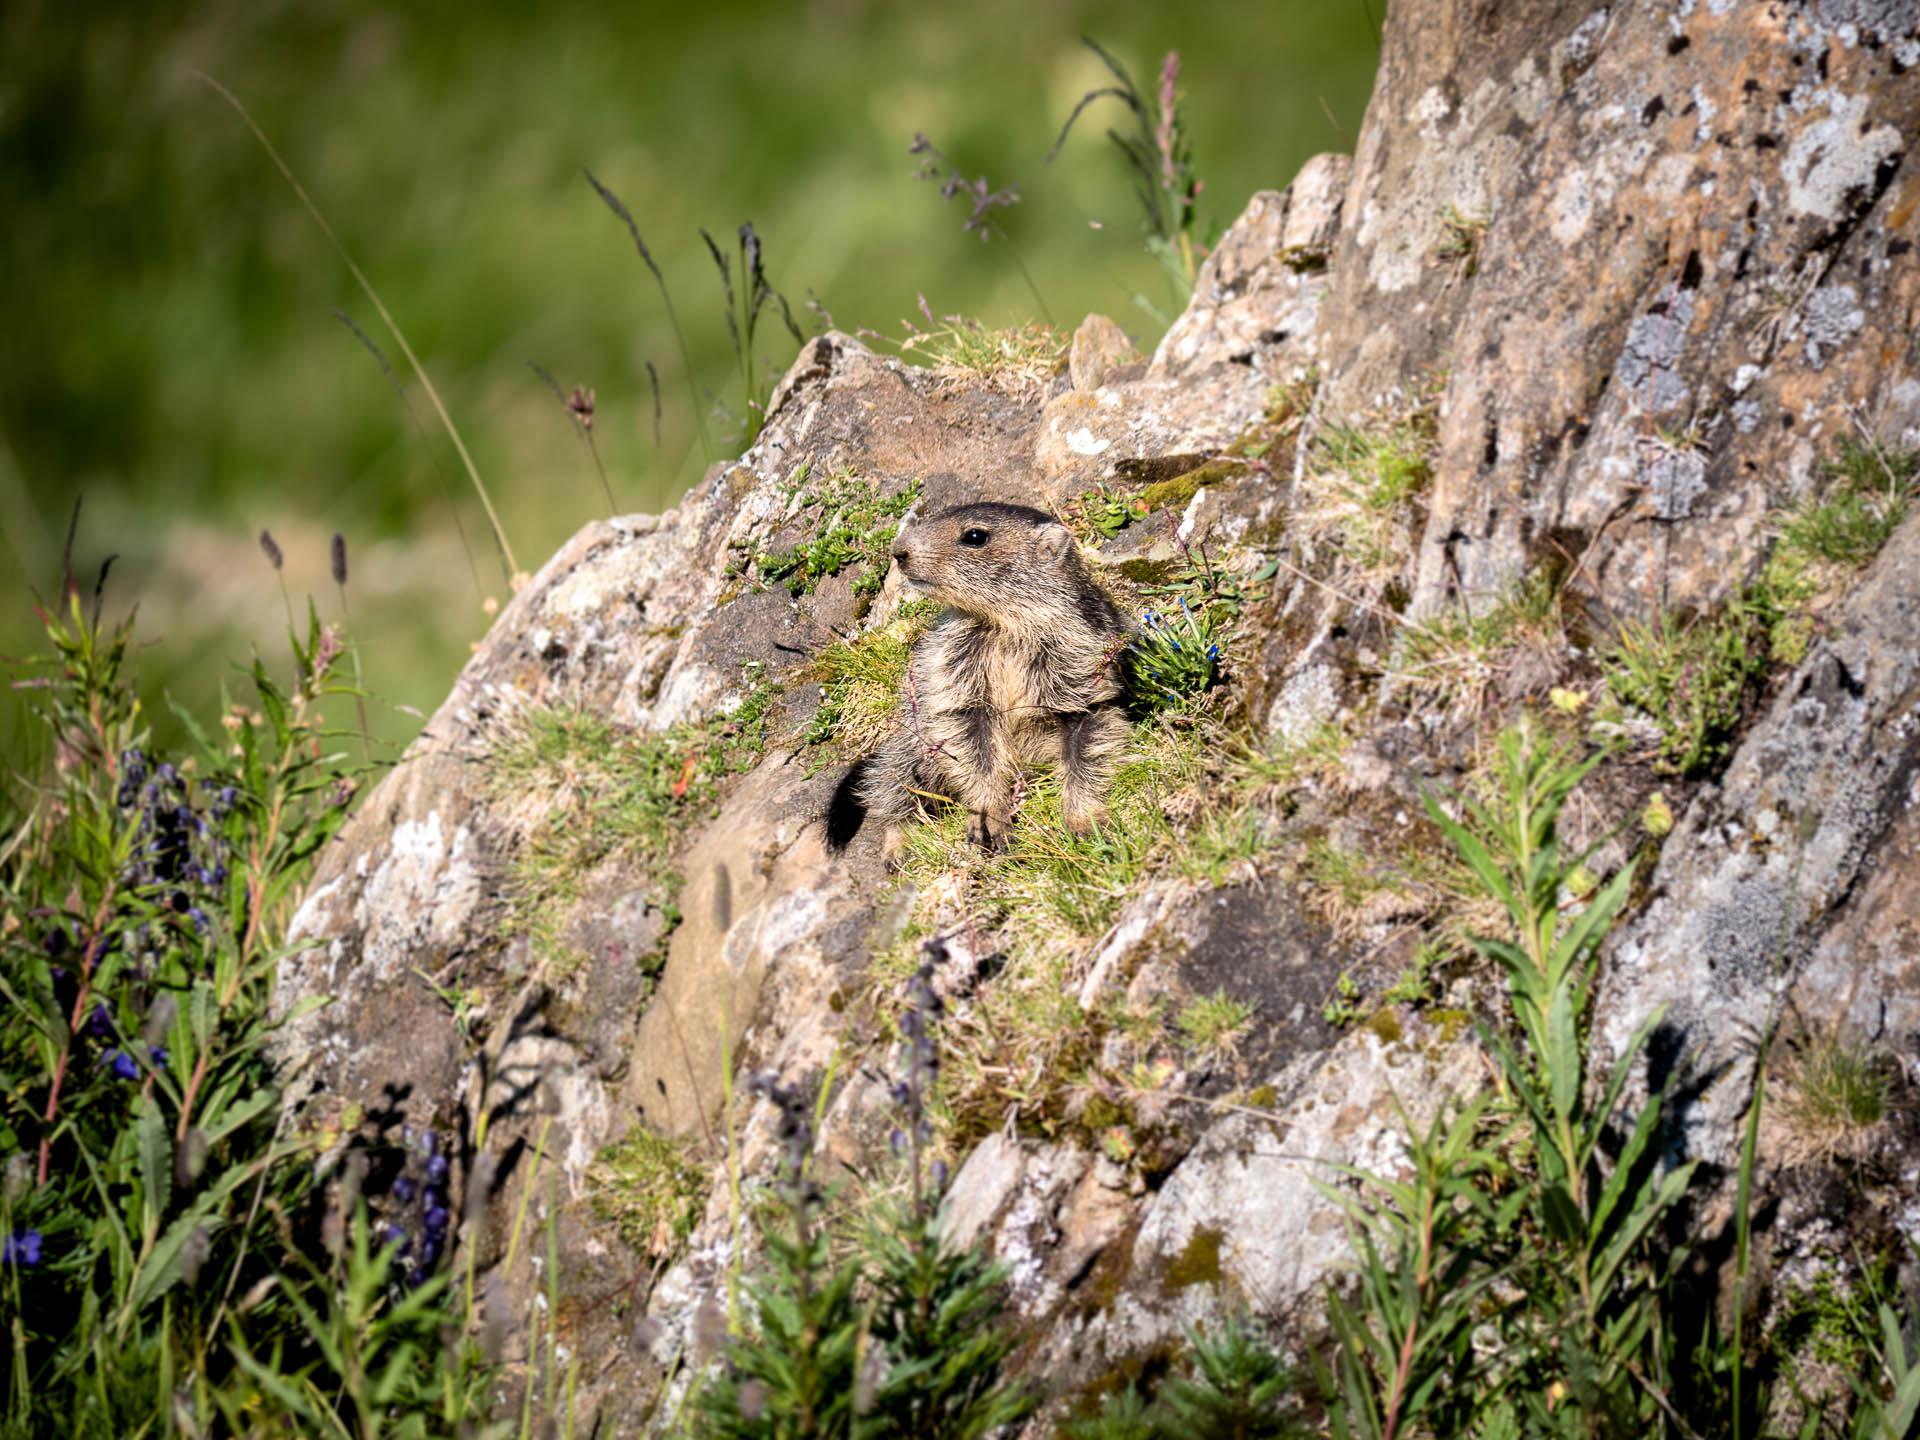 réchy bébé marmotte - Les globe blogueurs - blog voyage nature